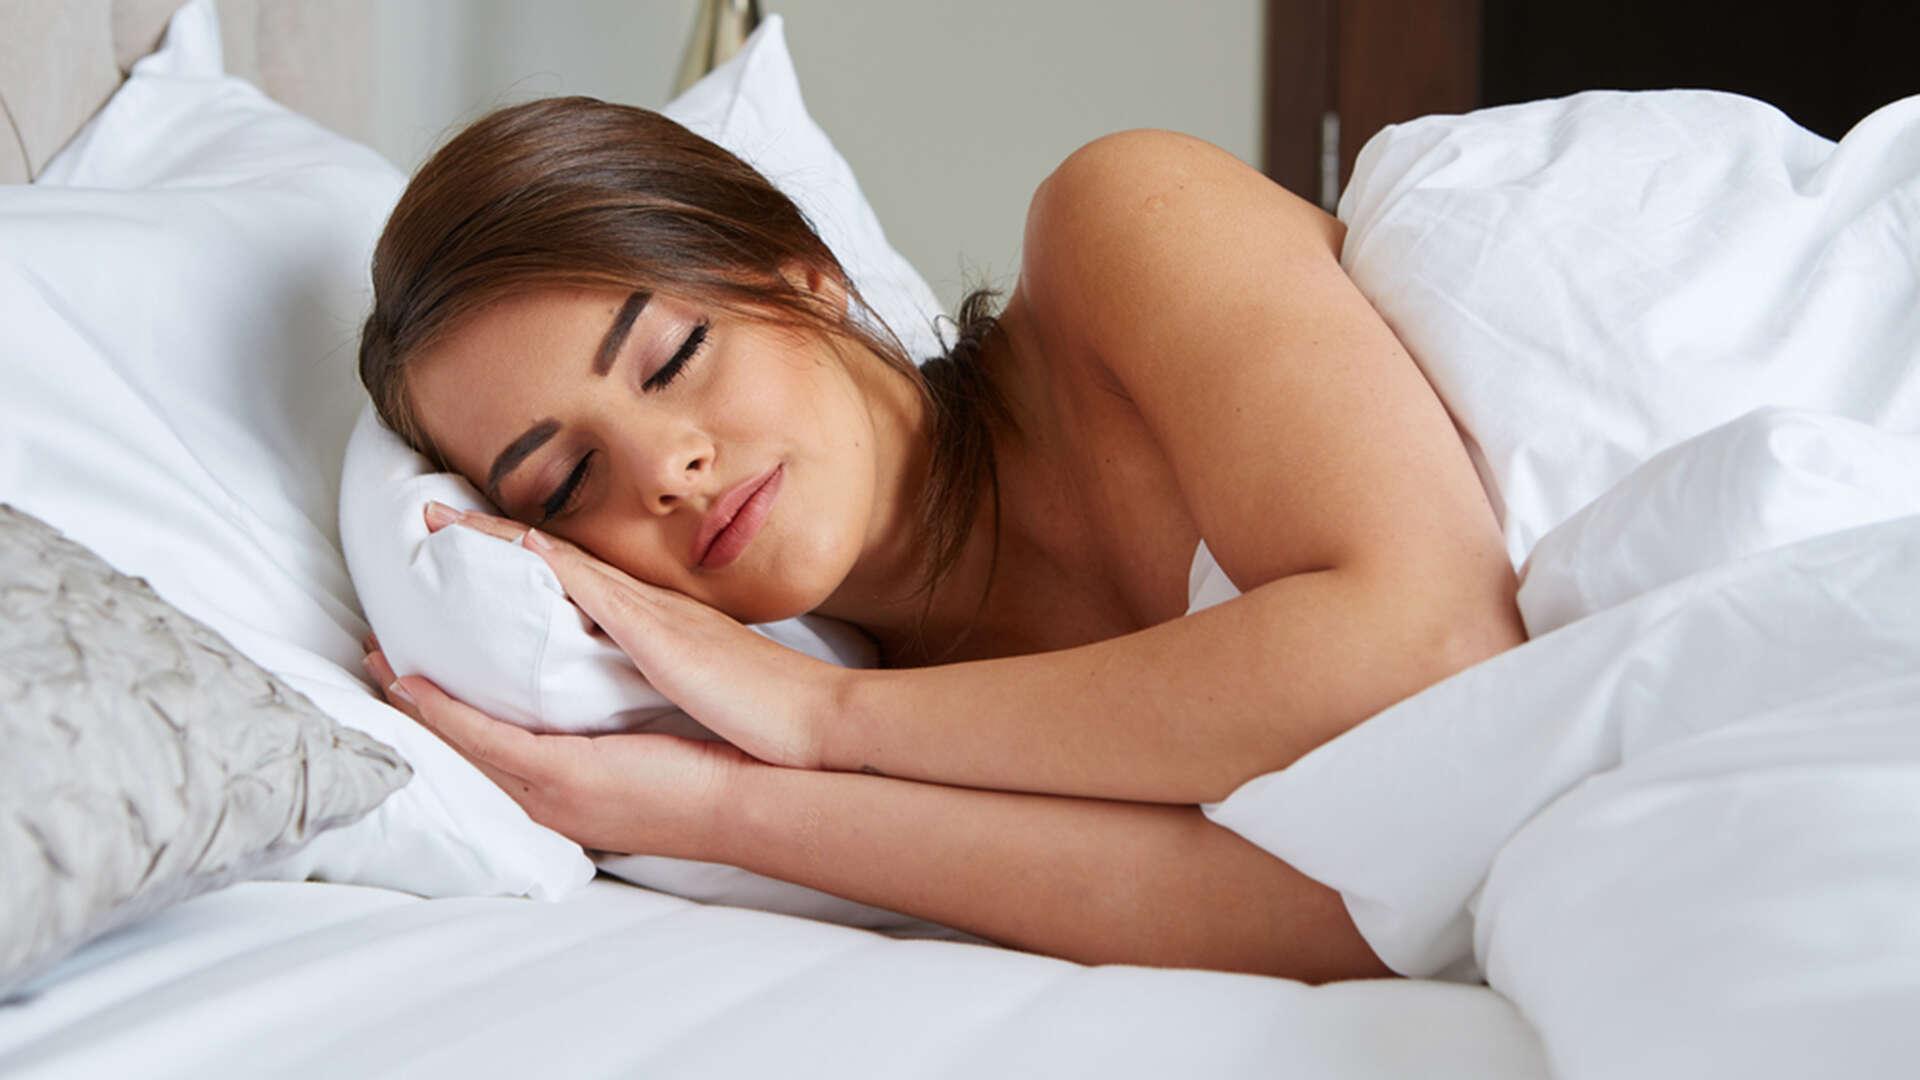 Dormir duas vezes por dia faz bem para a saúde